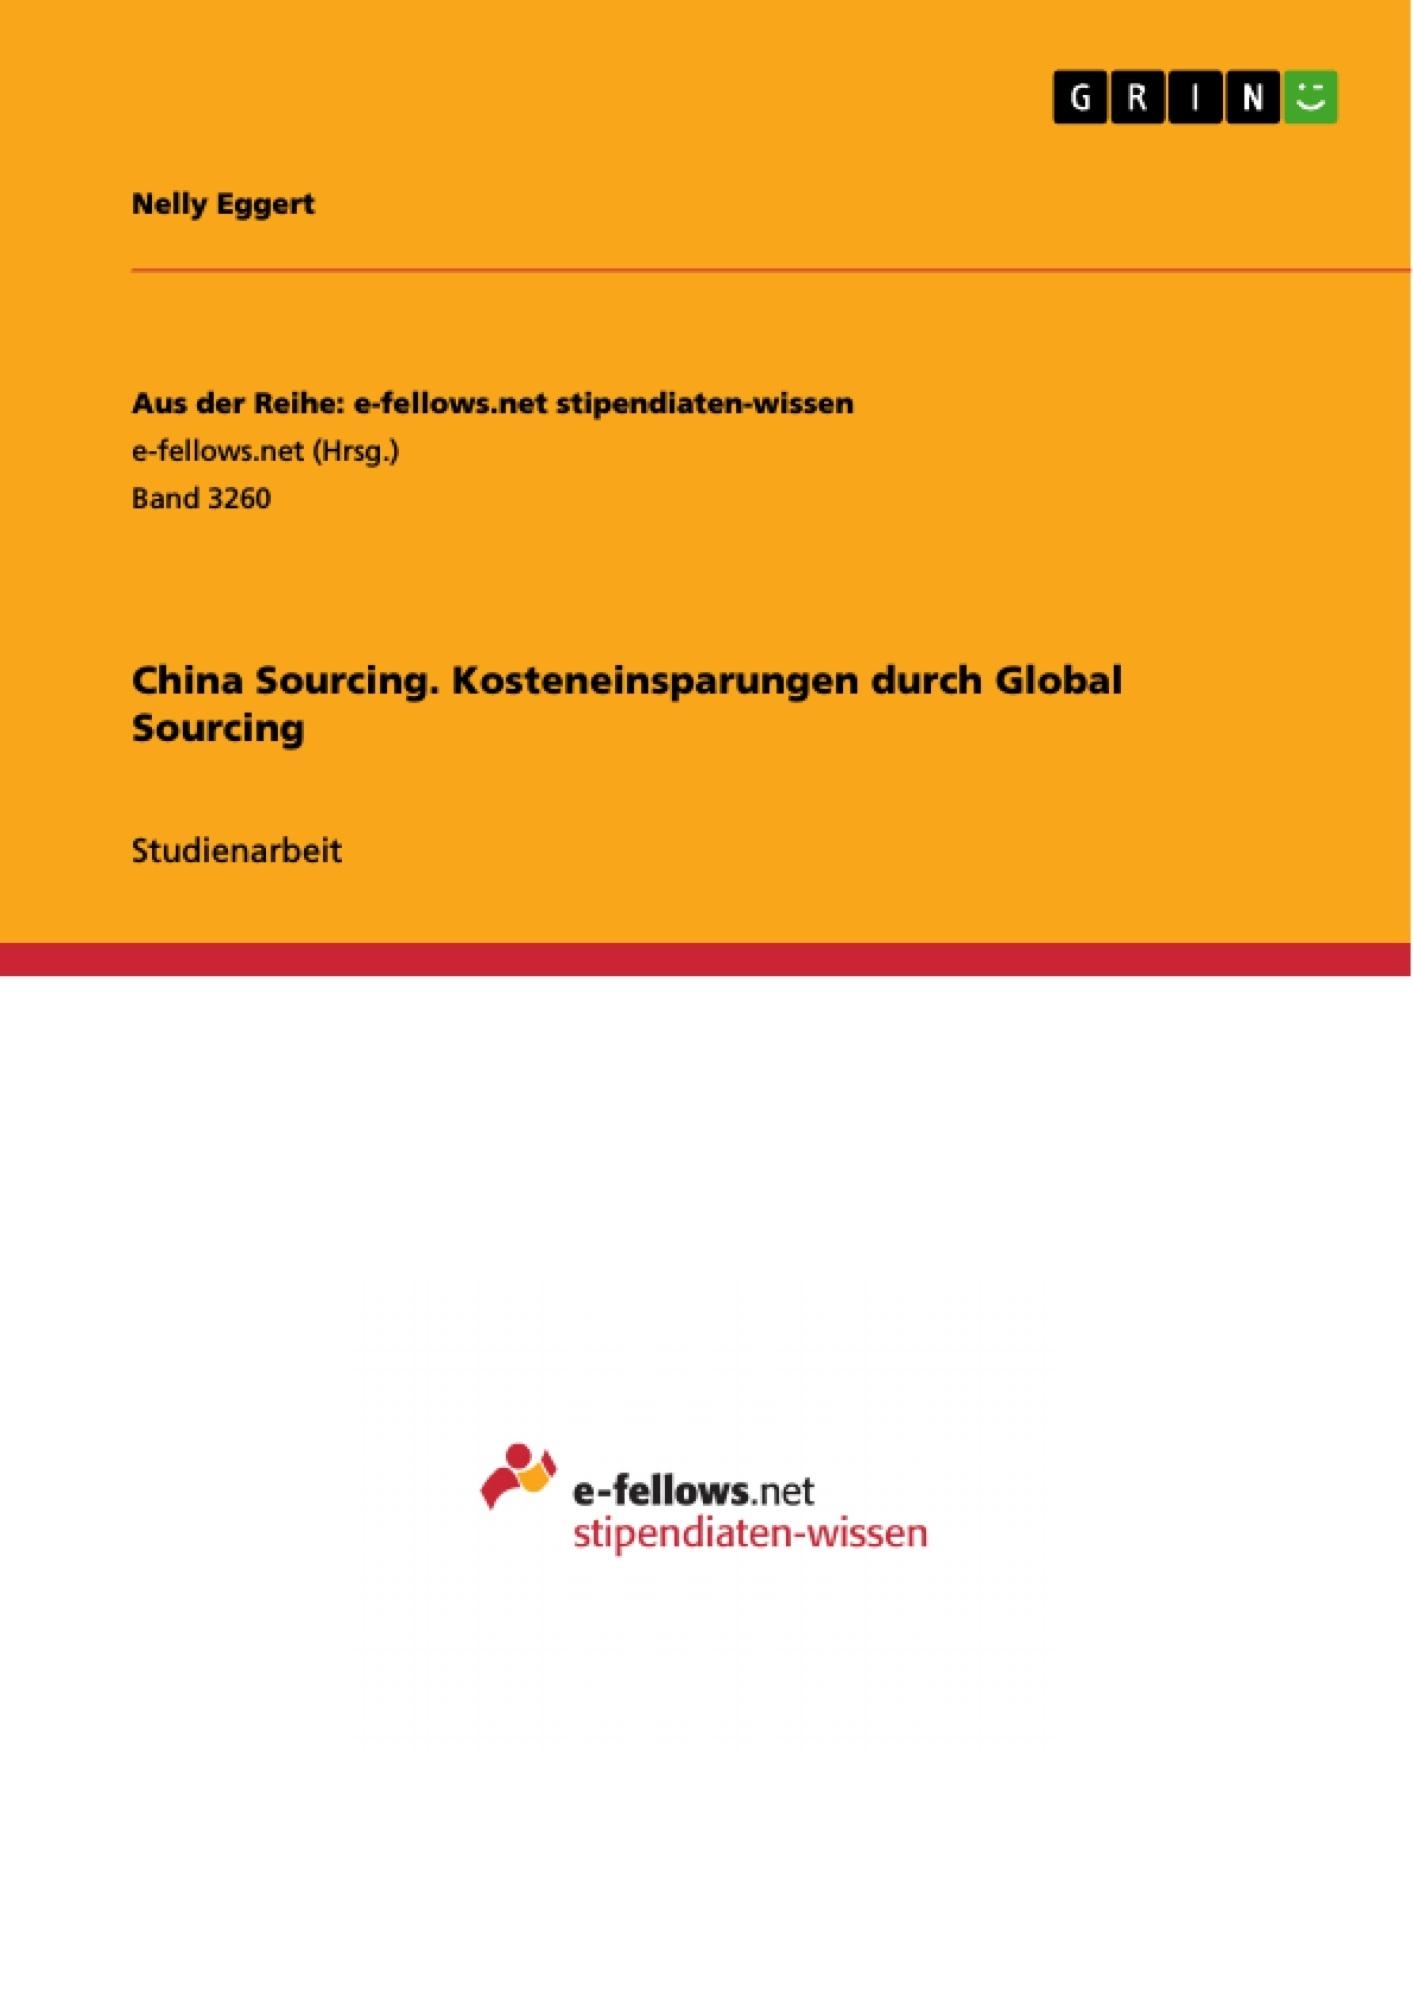 Titel: China Sourcing. Kosteneinsparungen durch Global Sourcing